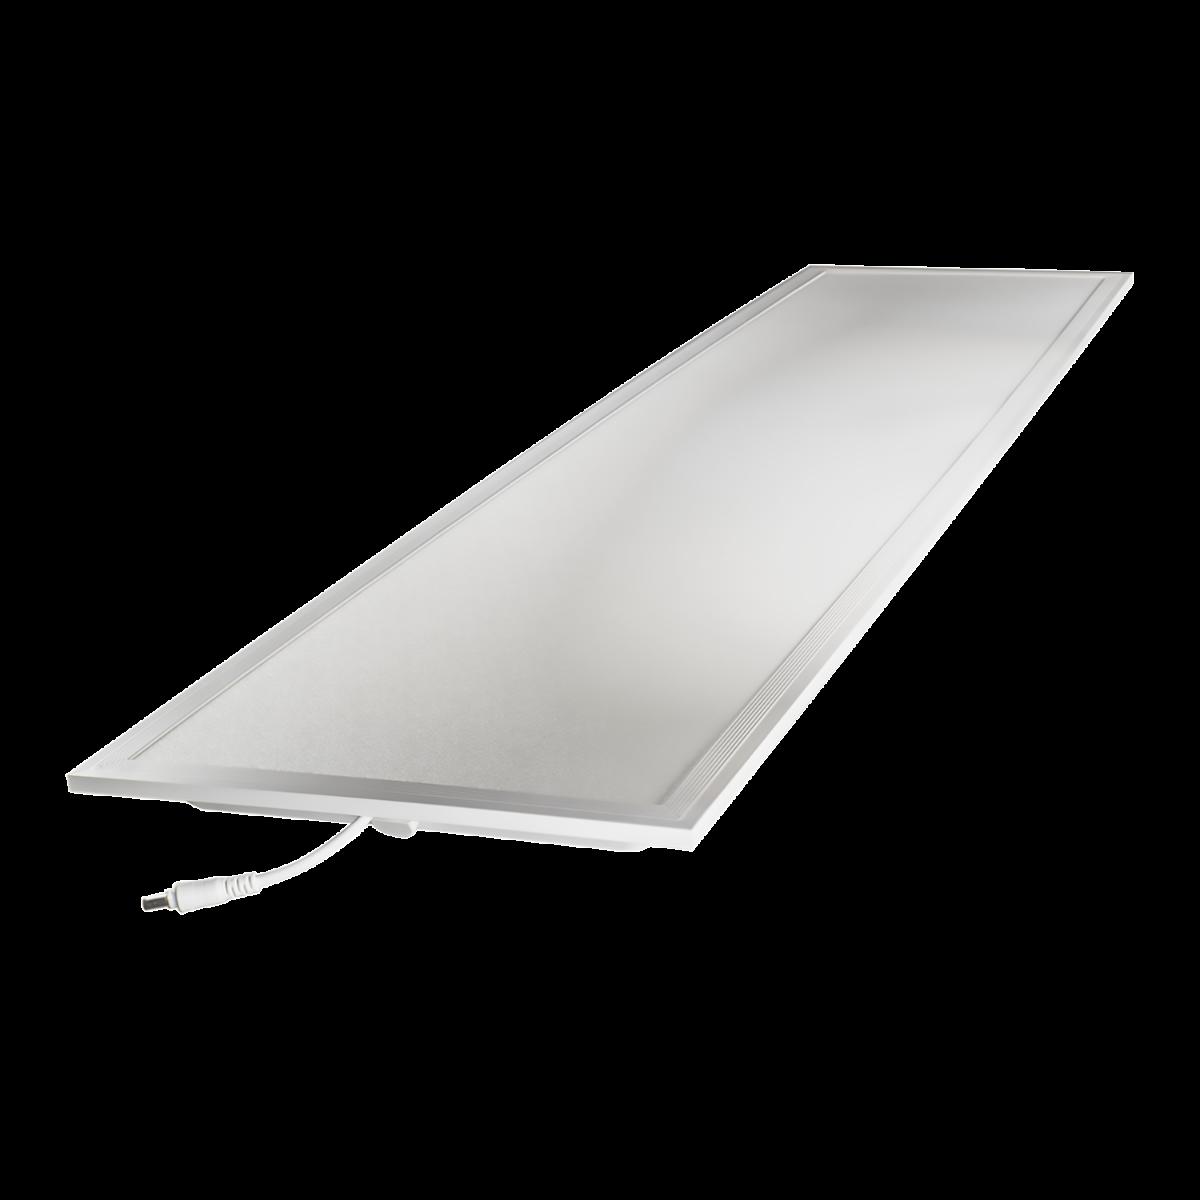 Noxion LED panel Delta Pro V2.0 30W 30x120cm 6500K 4110lm UGR <19   dagslys - erstatter 2x36W